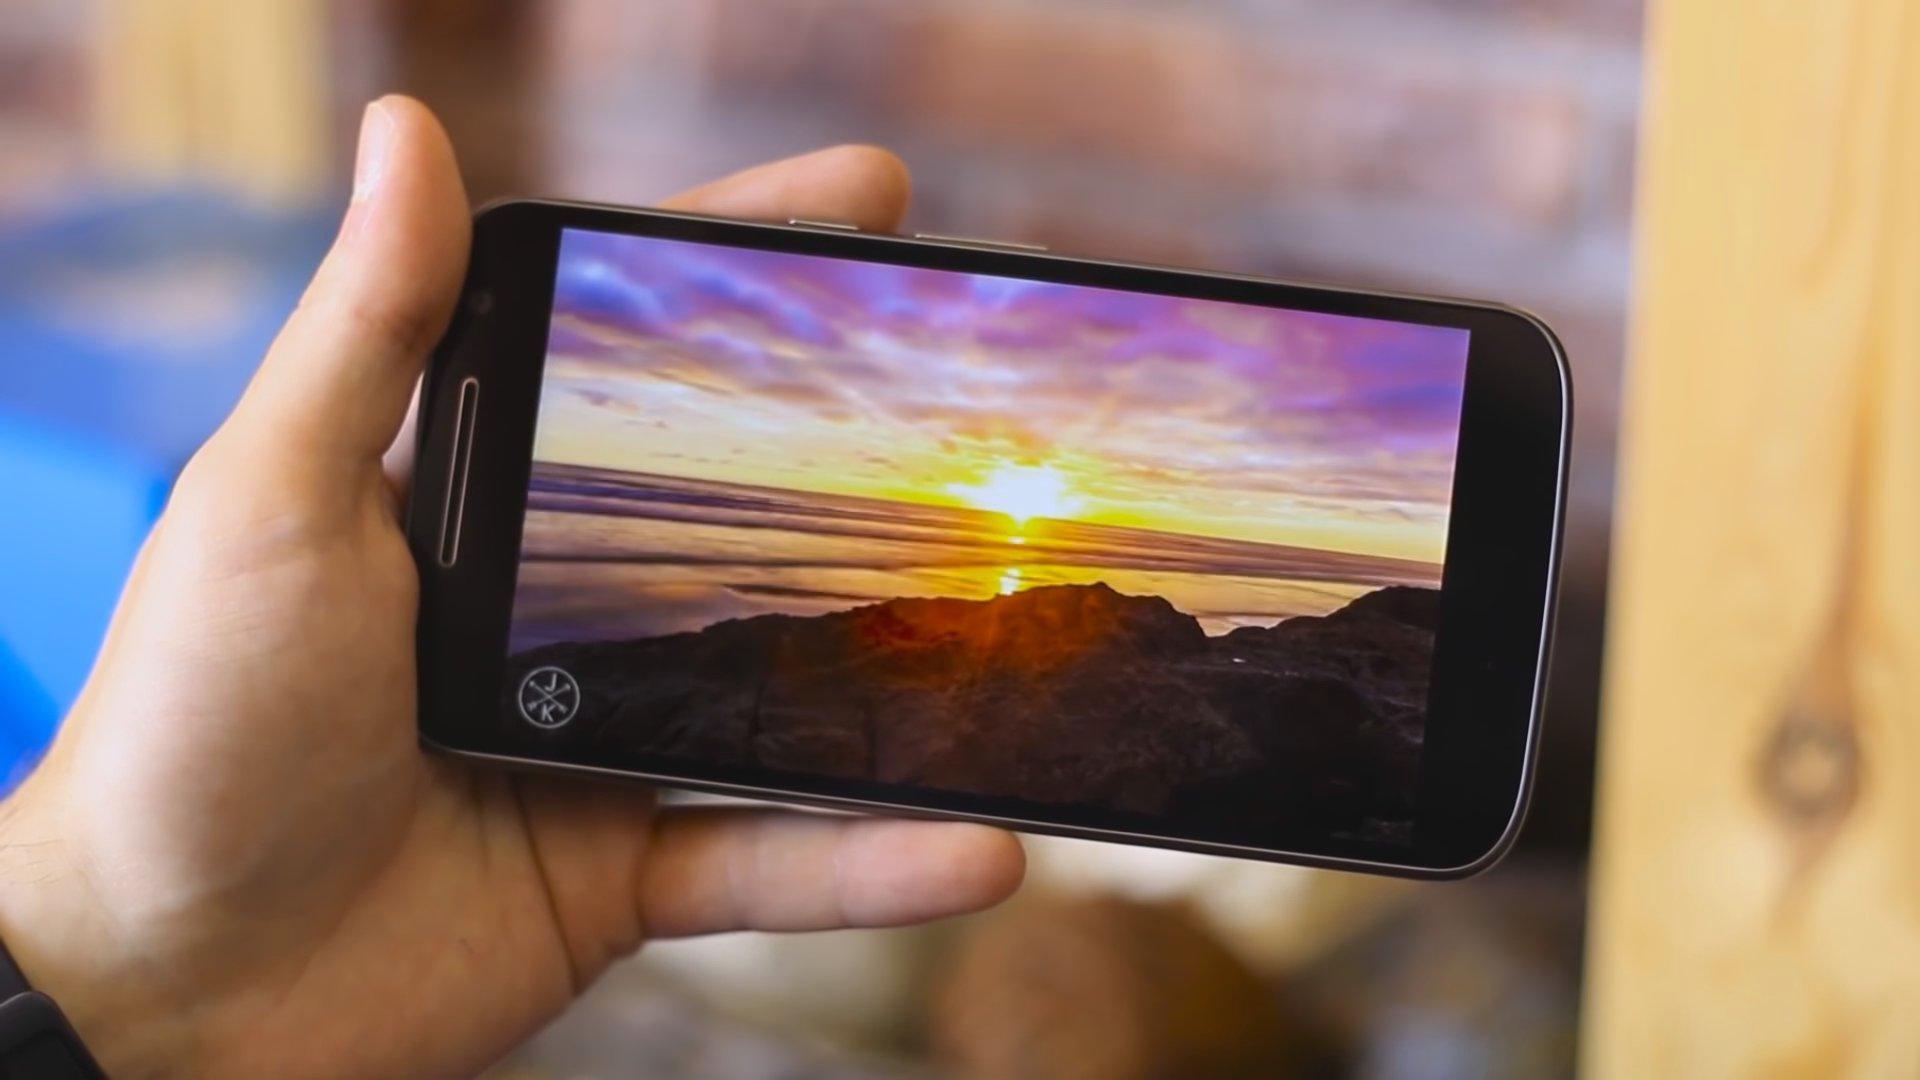 Mejores móviles Androis por menos de 200 euros 2016